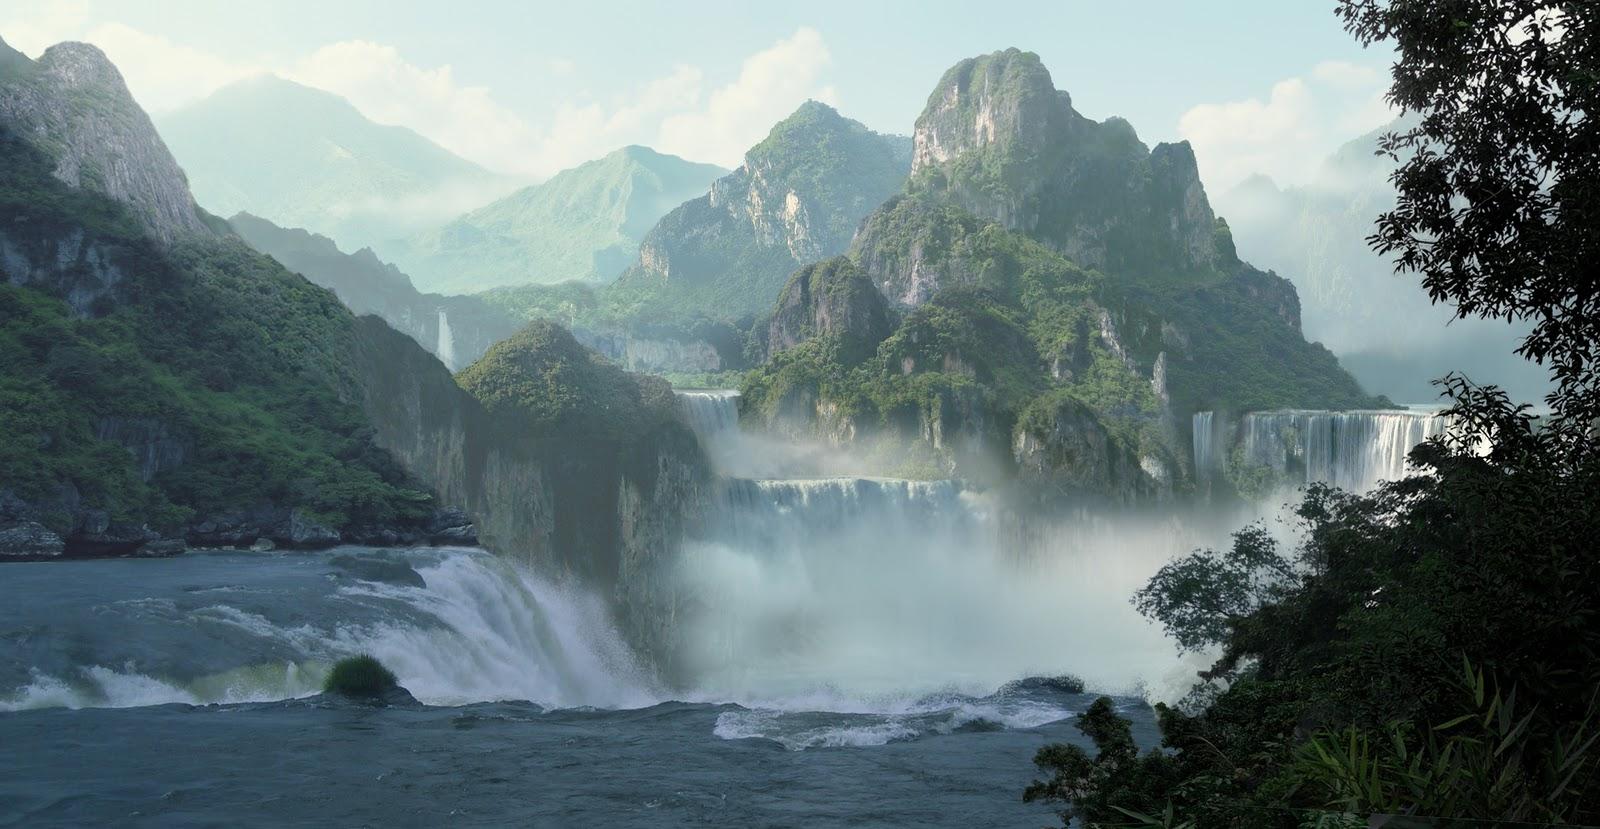 Fall Waterfall Wallpaper Hf 3d Matte Painting Tutorial Mattepainting Org